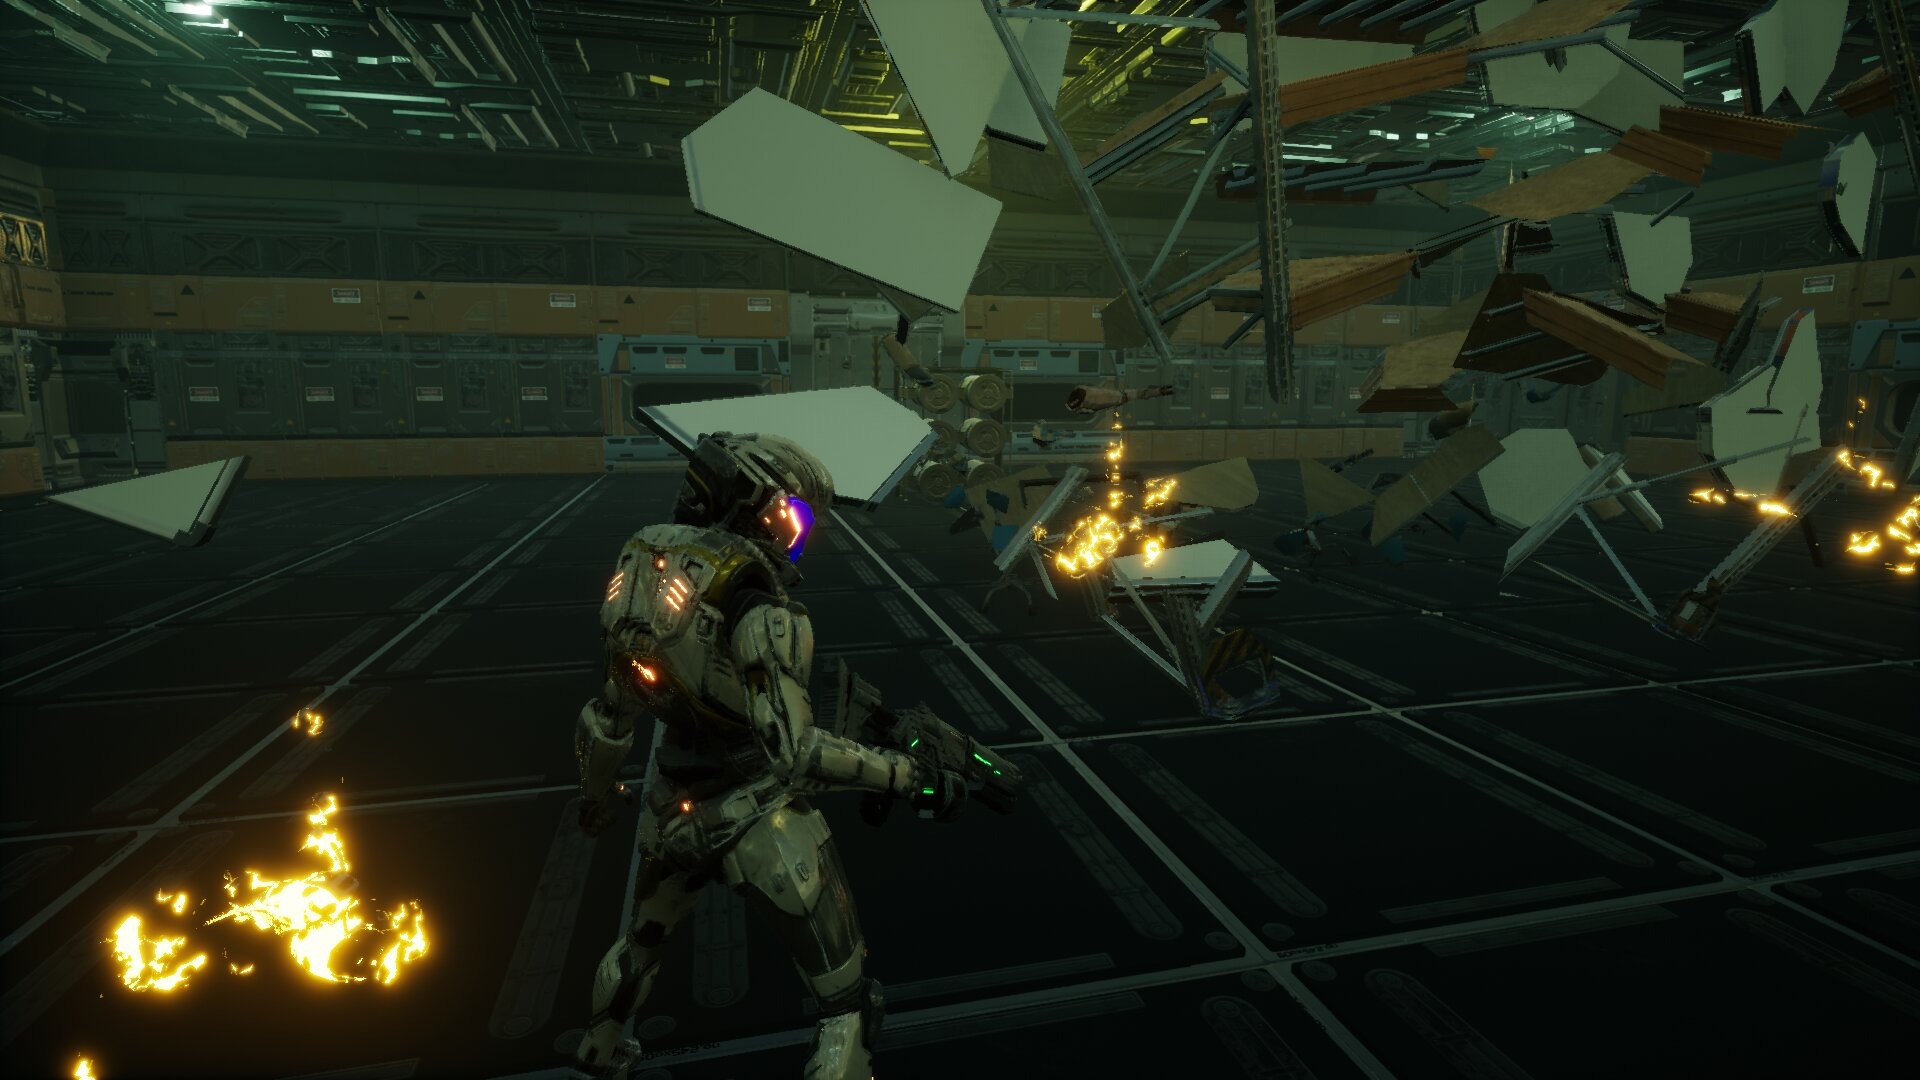 数据空间的无尽战斗 国产第三人称射击游戏《战斗躯壳》公布